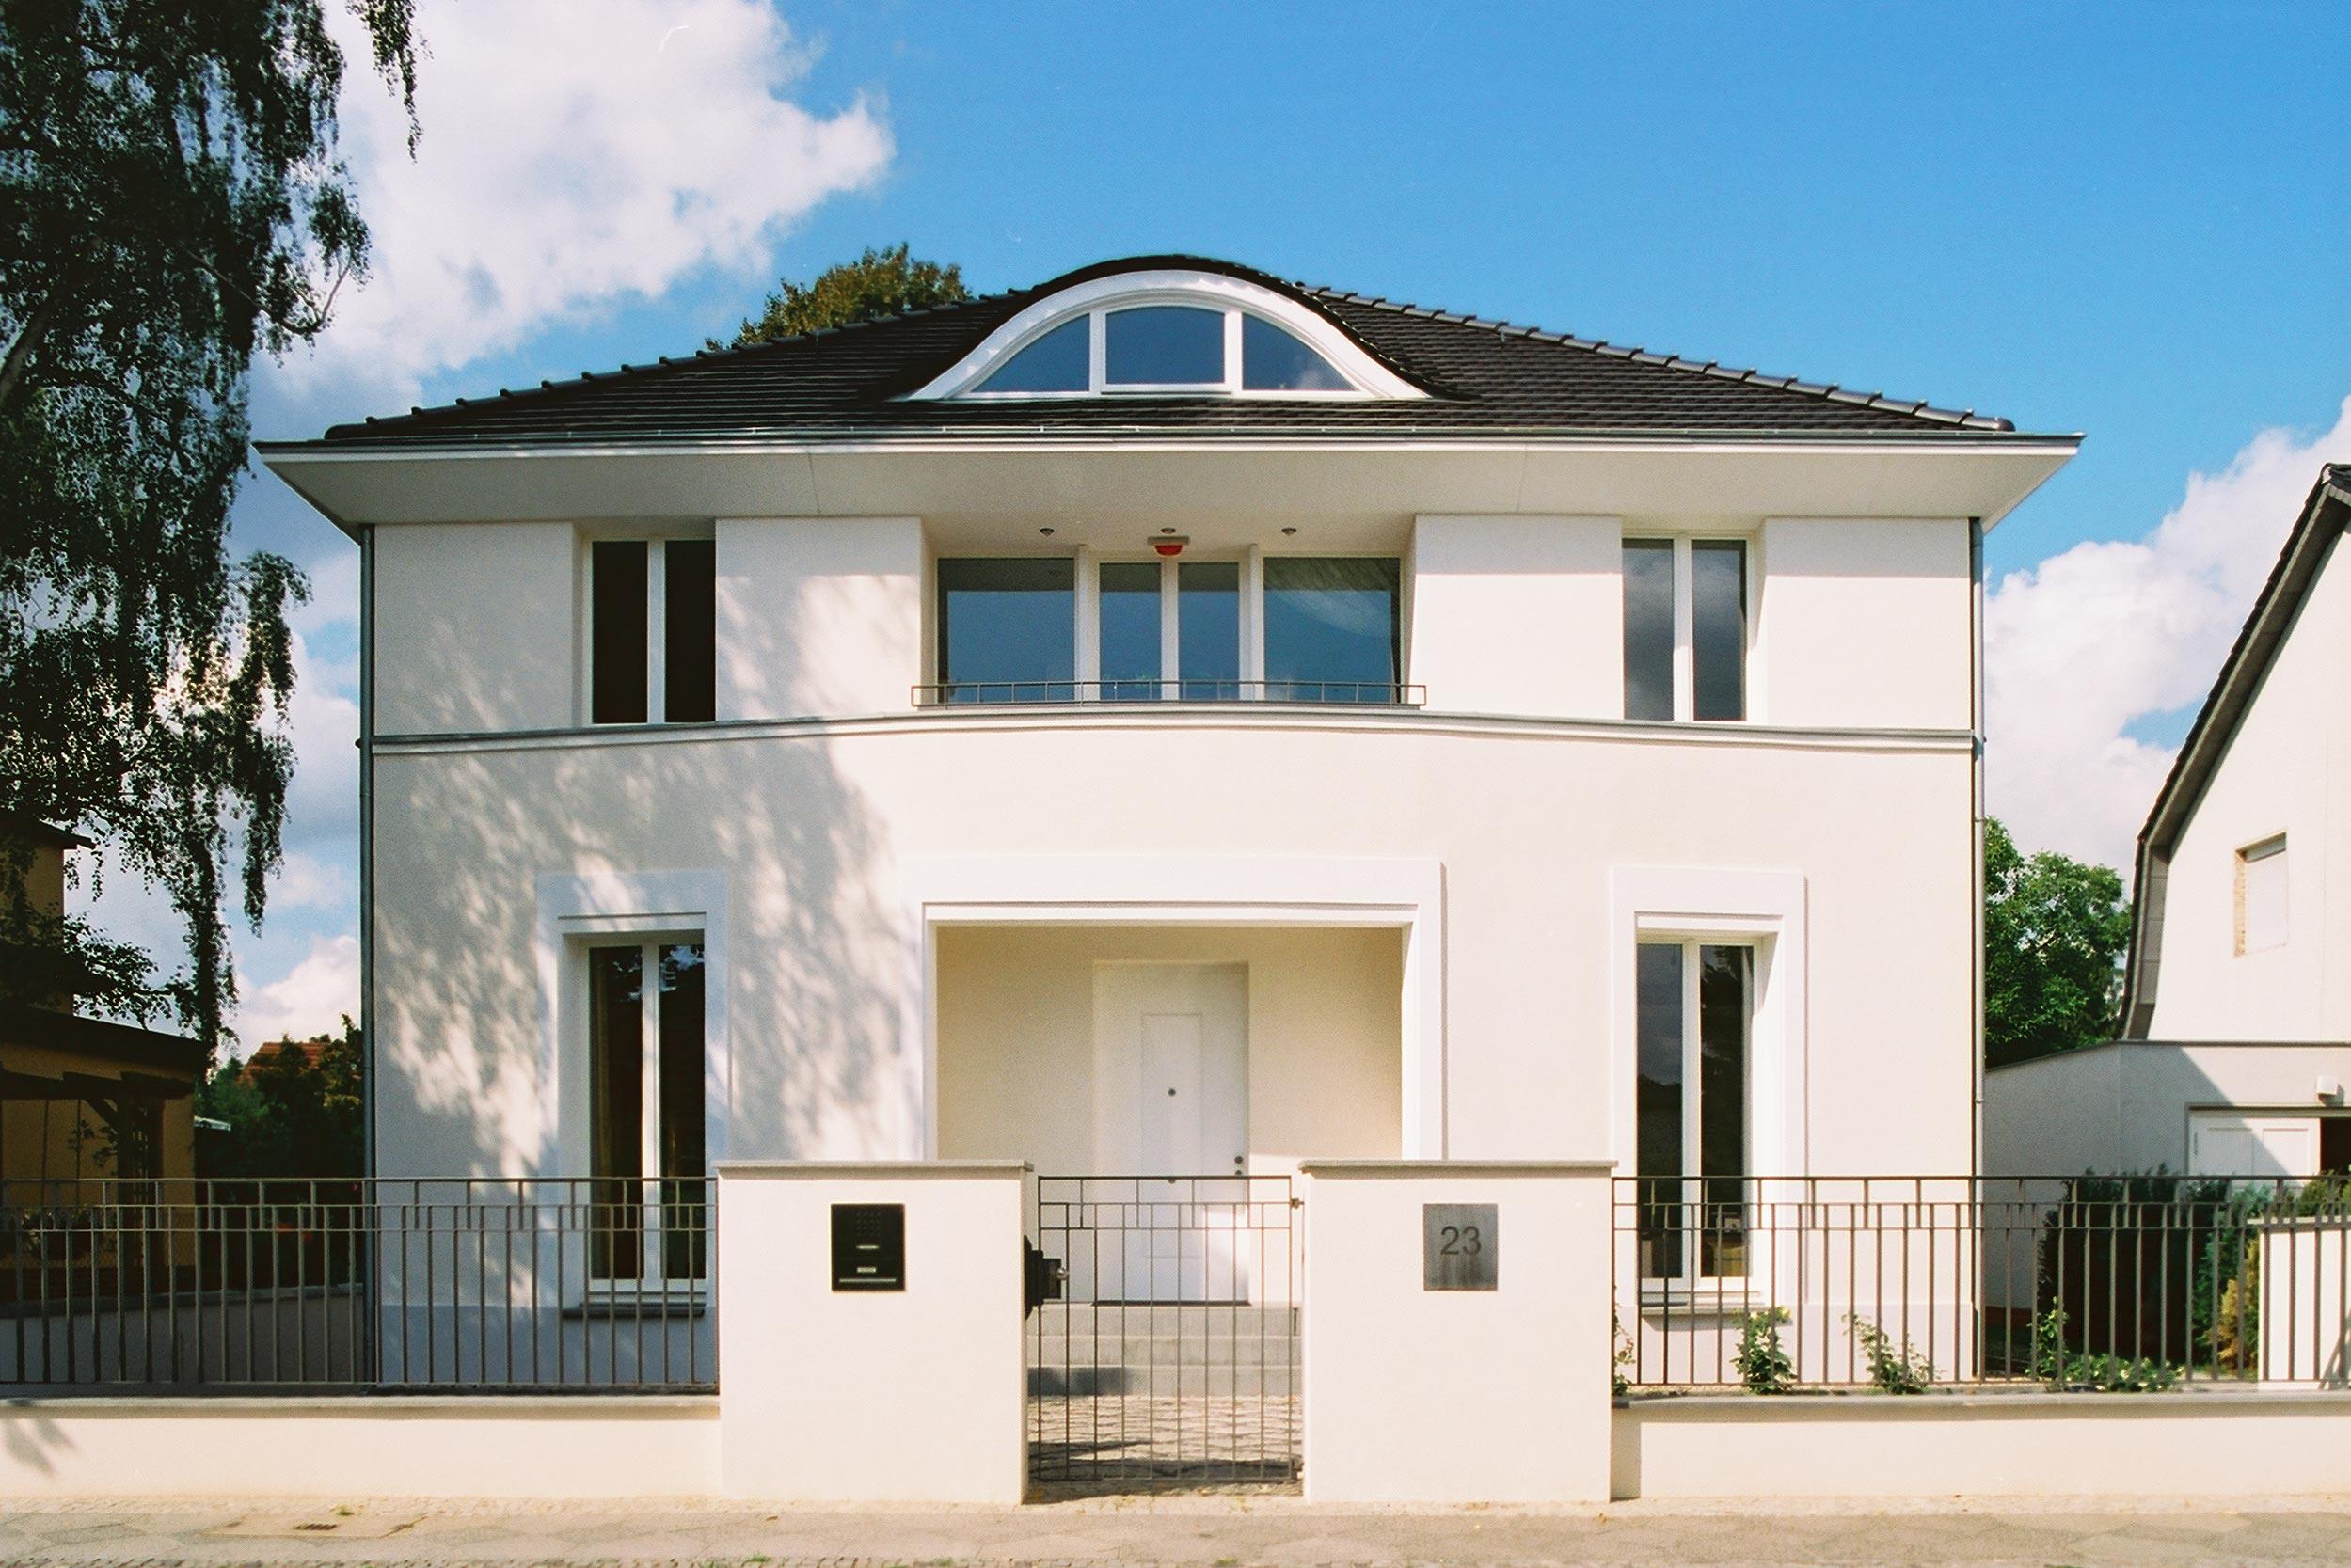 Der Gestaltung der symmetrischen Hauptfassade liegen klassische Gestaltungsprinzipien zu Grunde.